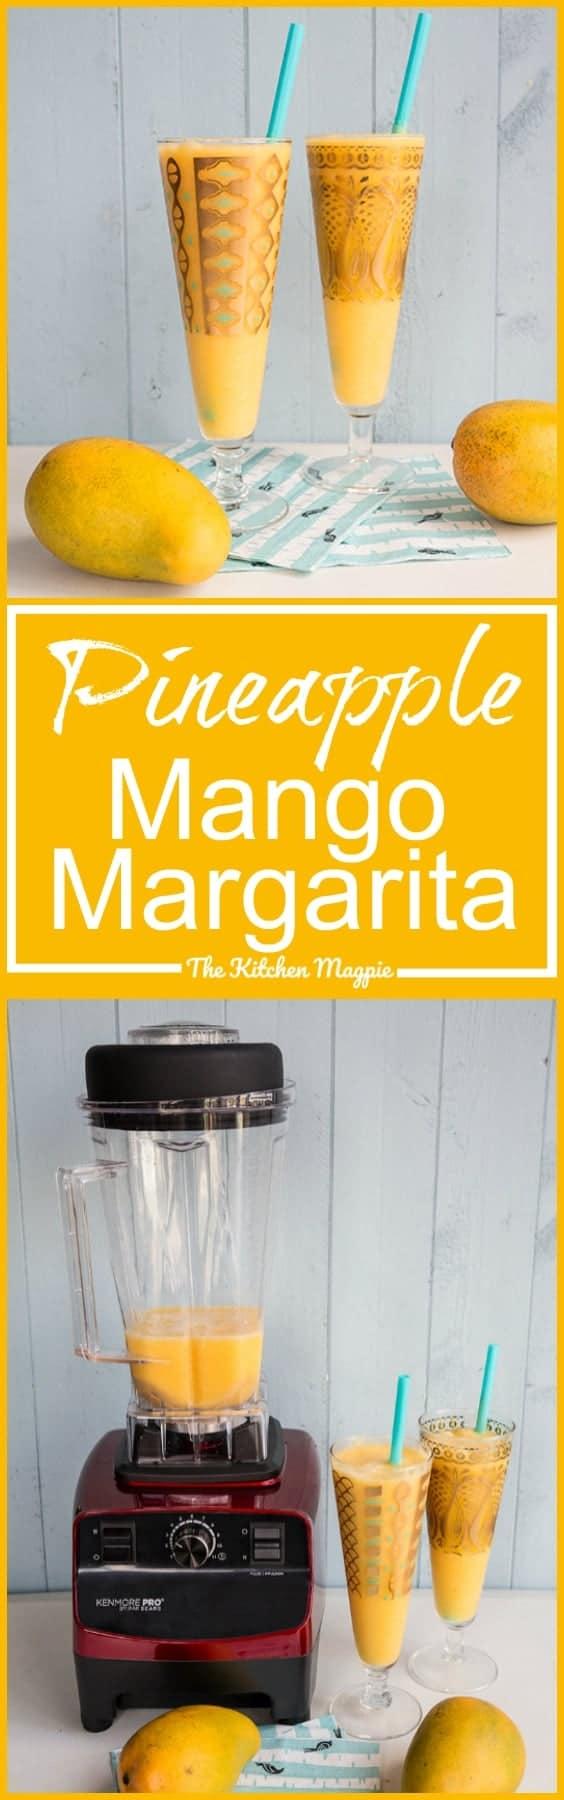 pineapple-mango-margarita